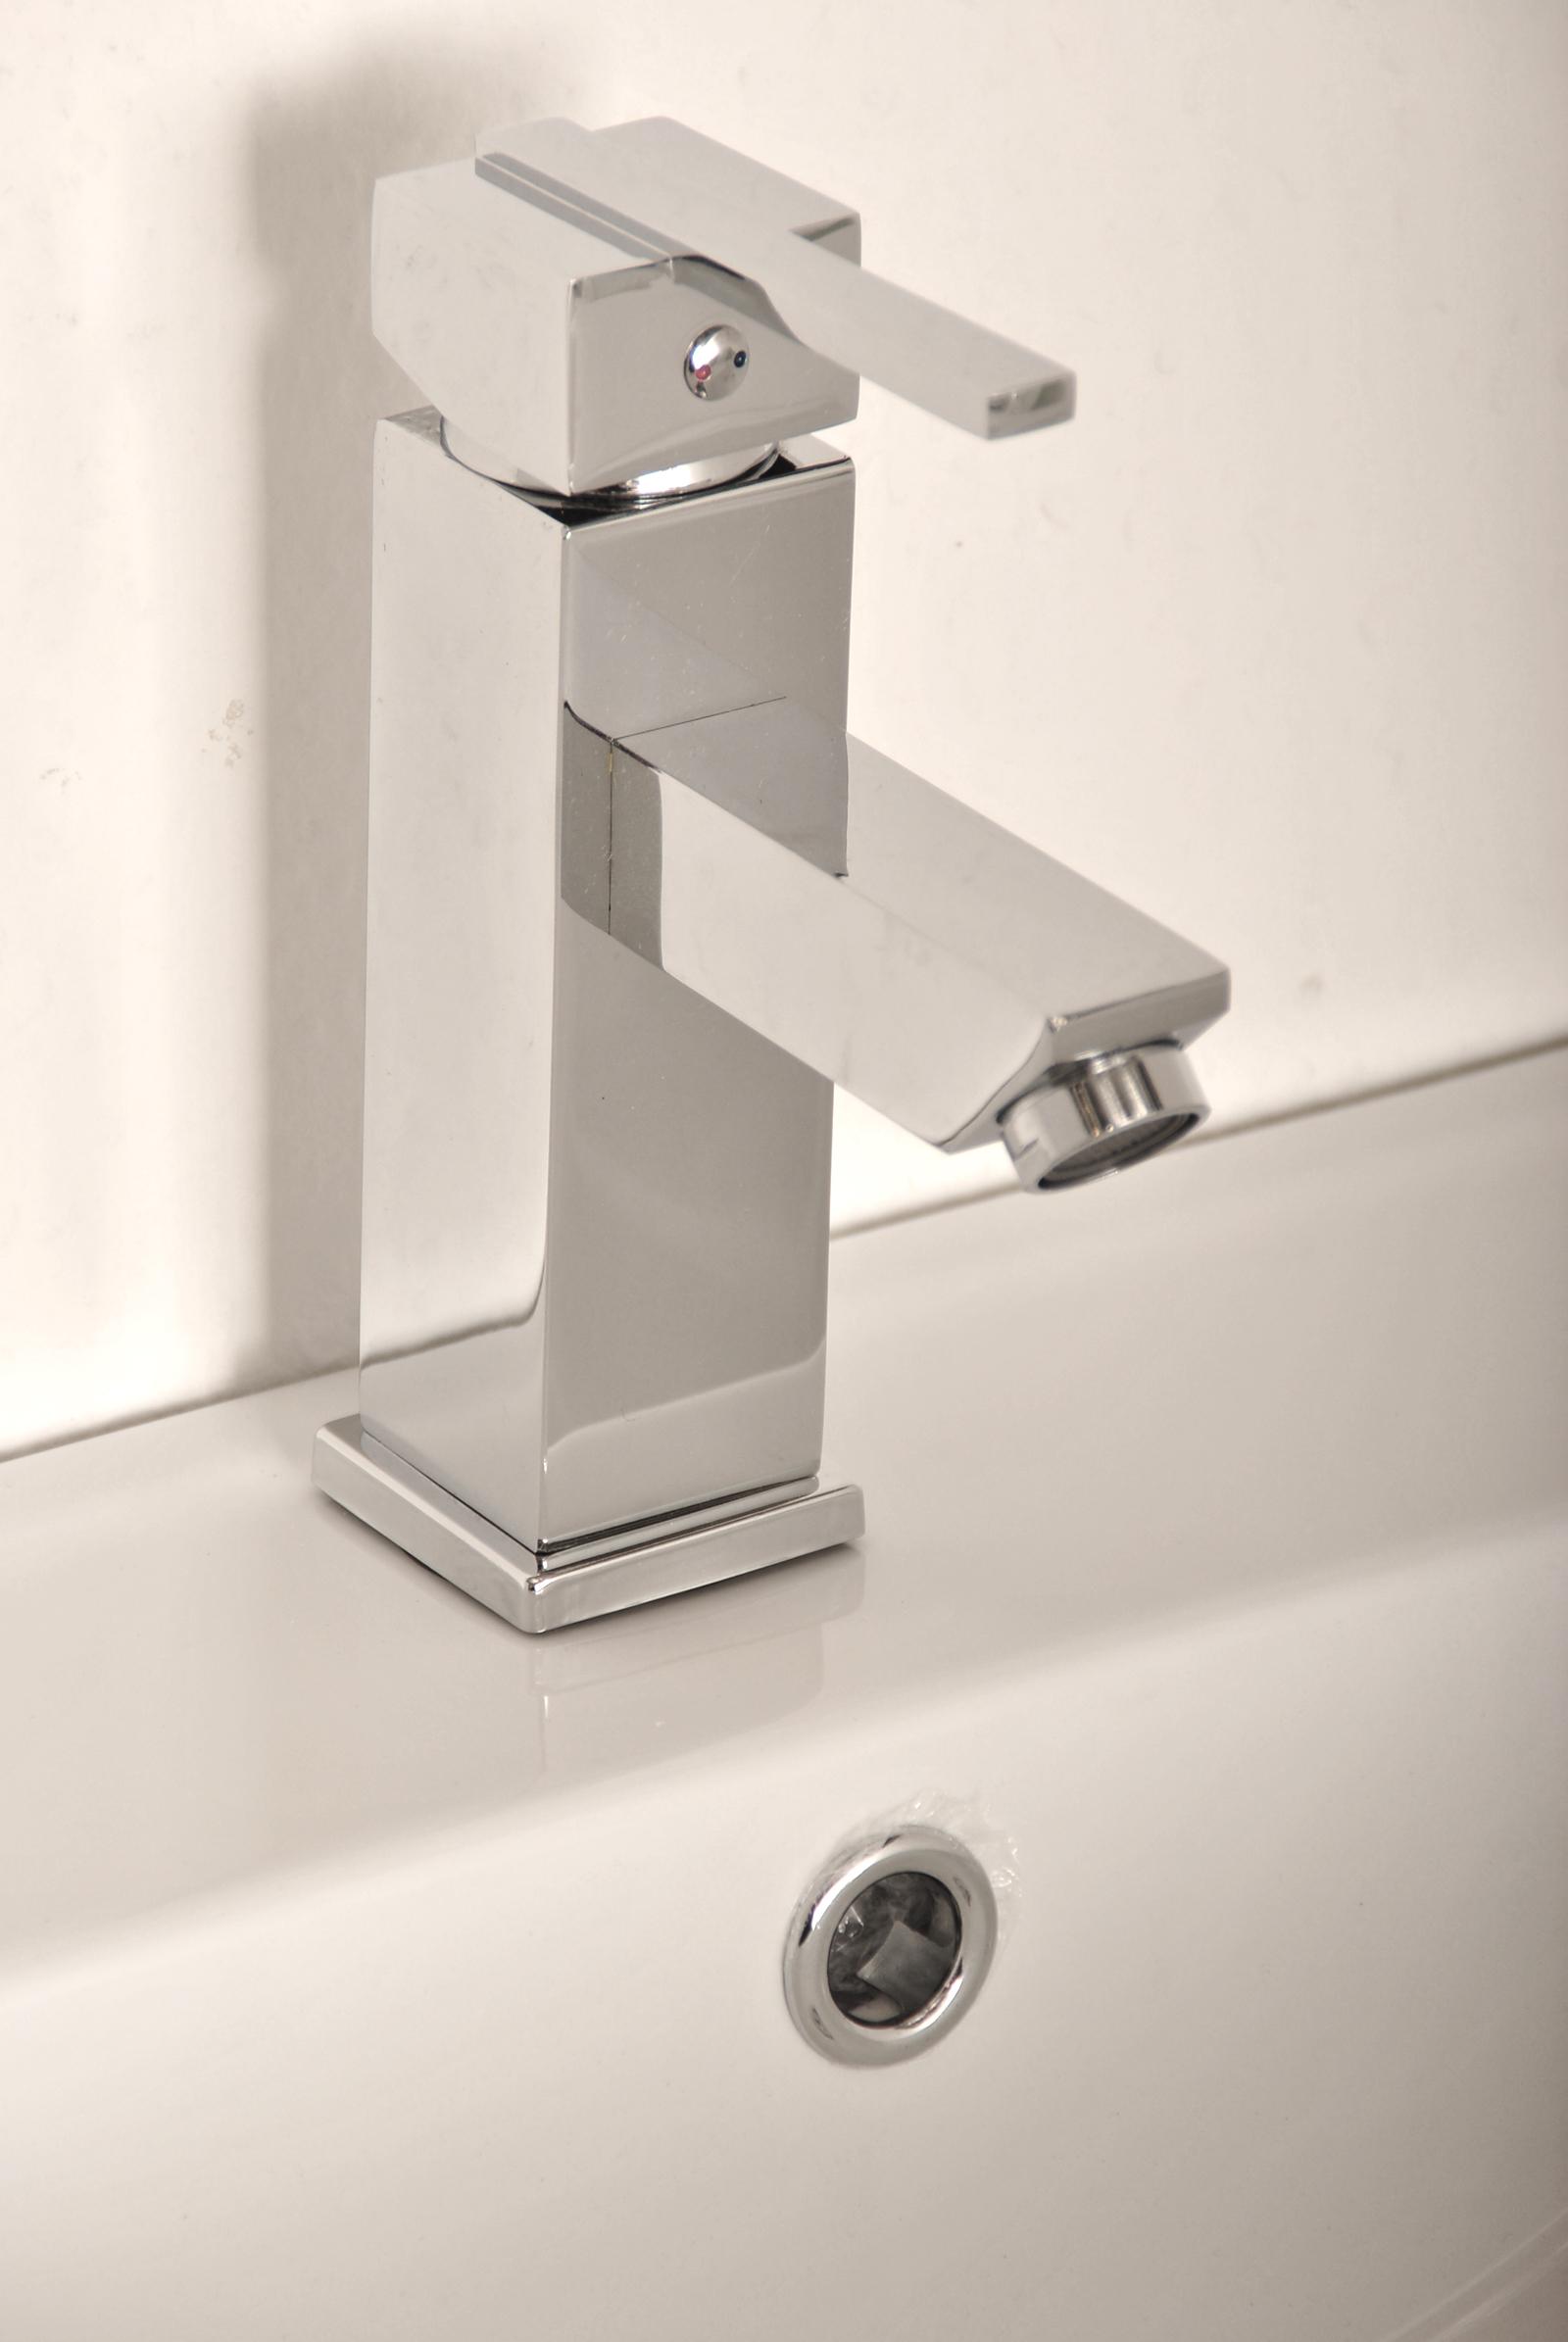 sam waschbecken armatur f016 eckiger wasserhahn. Black Bedroom Furniture Sets. Home Design Ideas